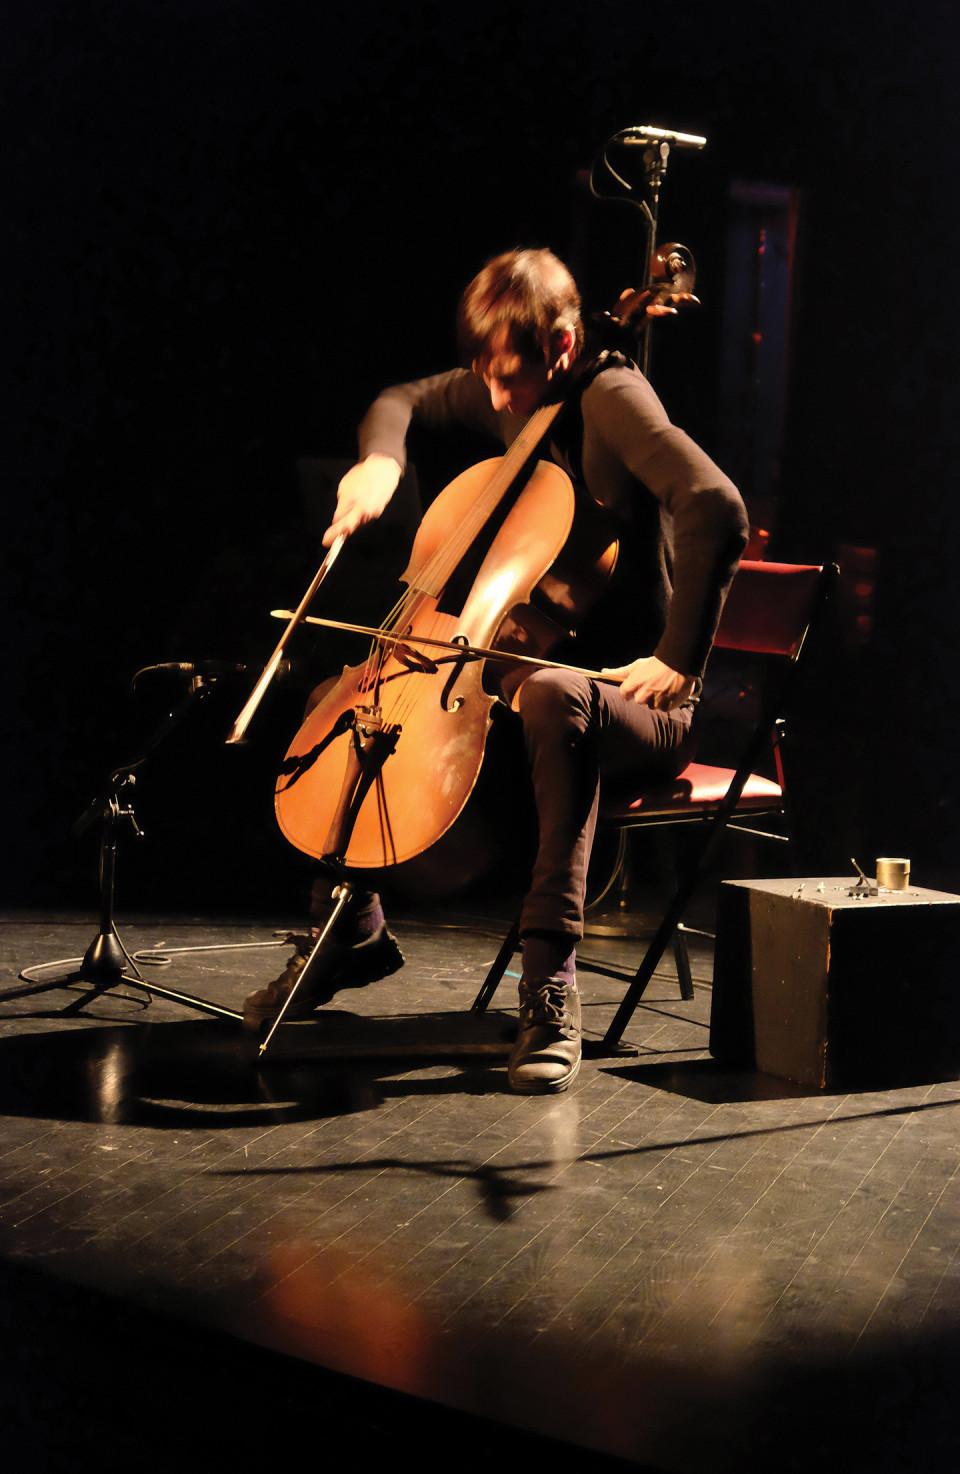 Rémy Bélanger de Beauport in concert at DAME: Archive / mémoire [Photograph: Céline Côté, Montréal (Québec), February 16, 2017]